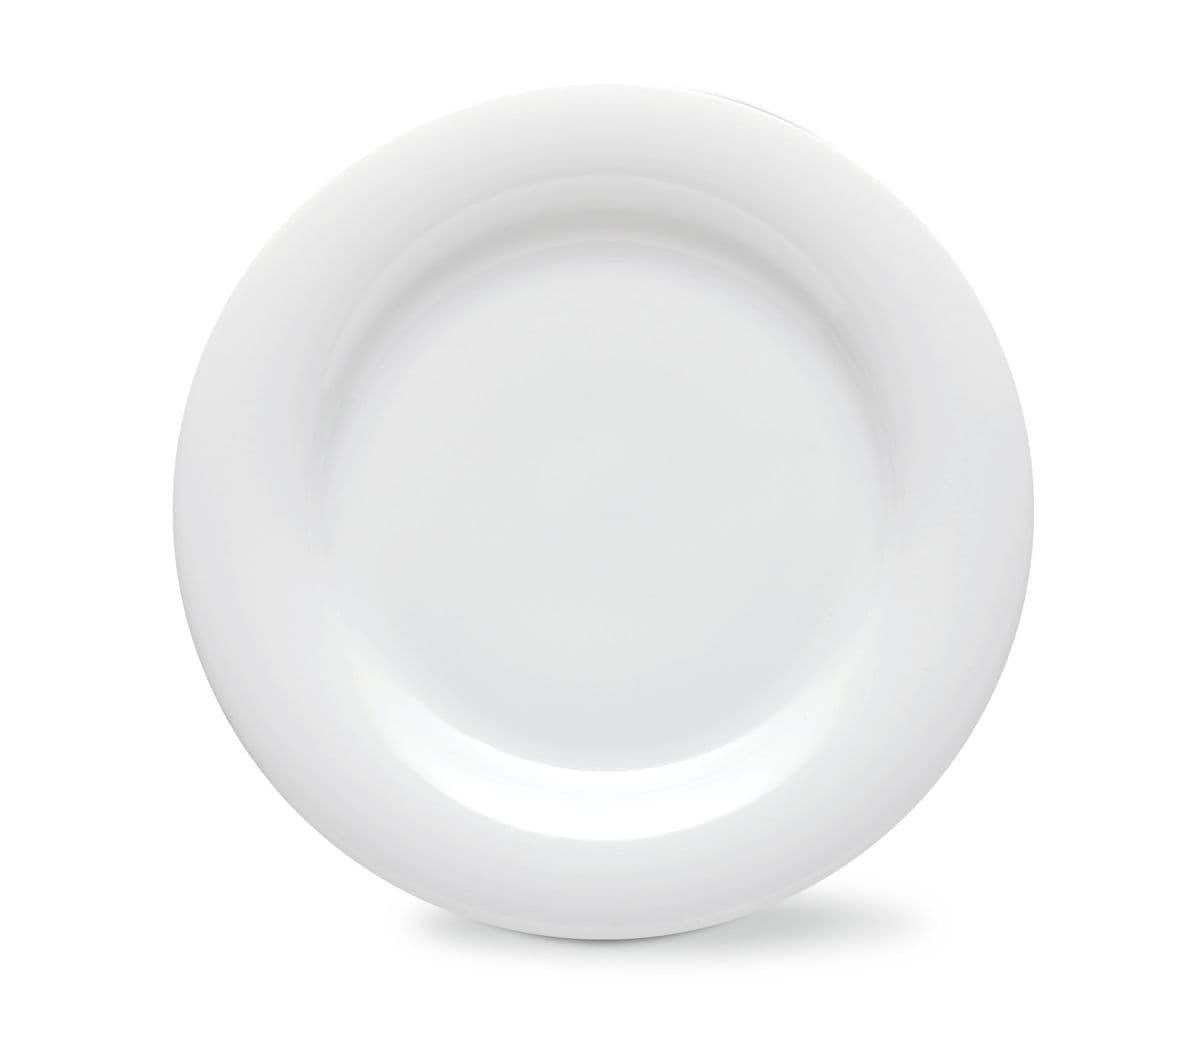 Cucina & Tavola COOL Piatto da dessert Piatti